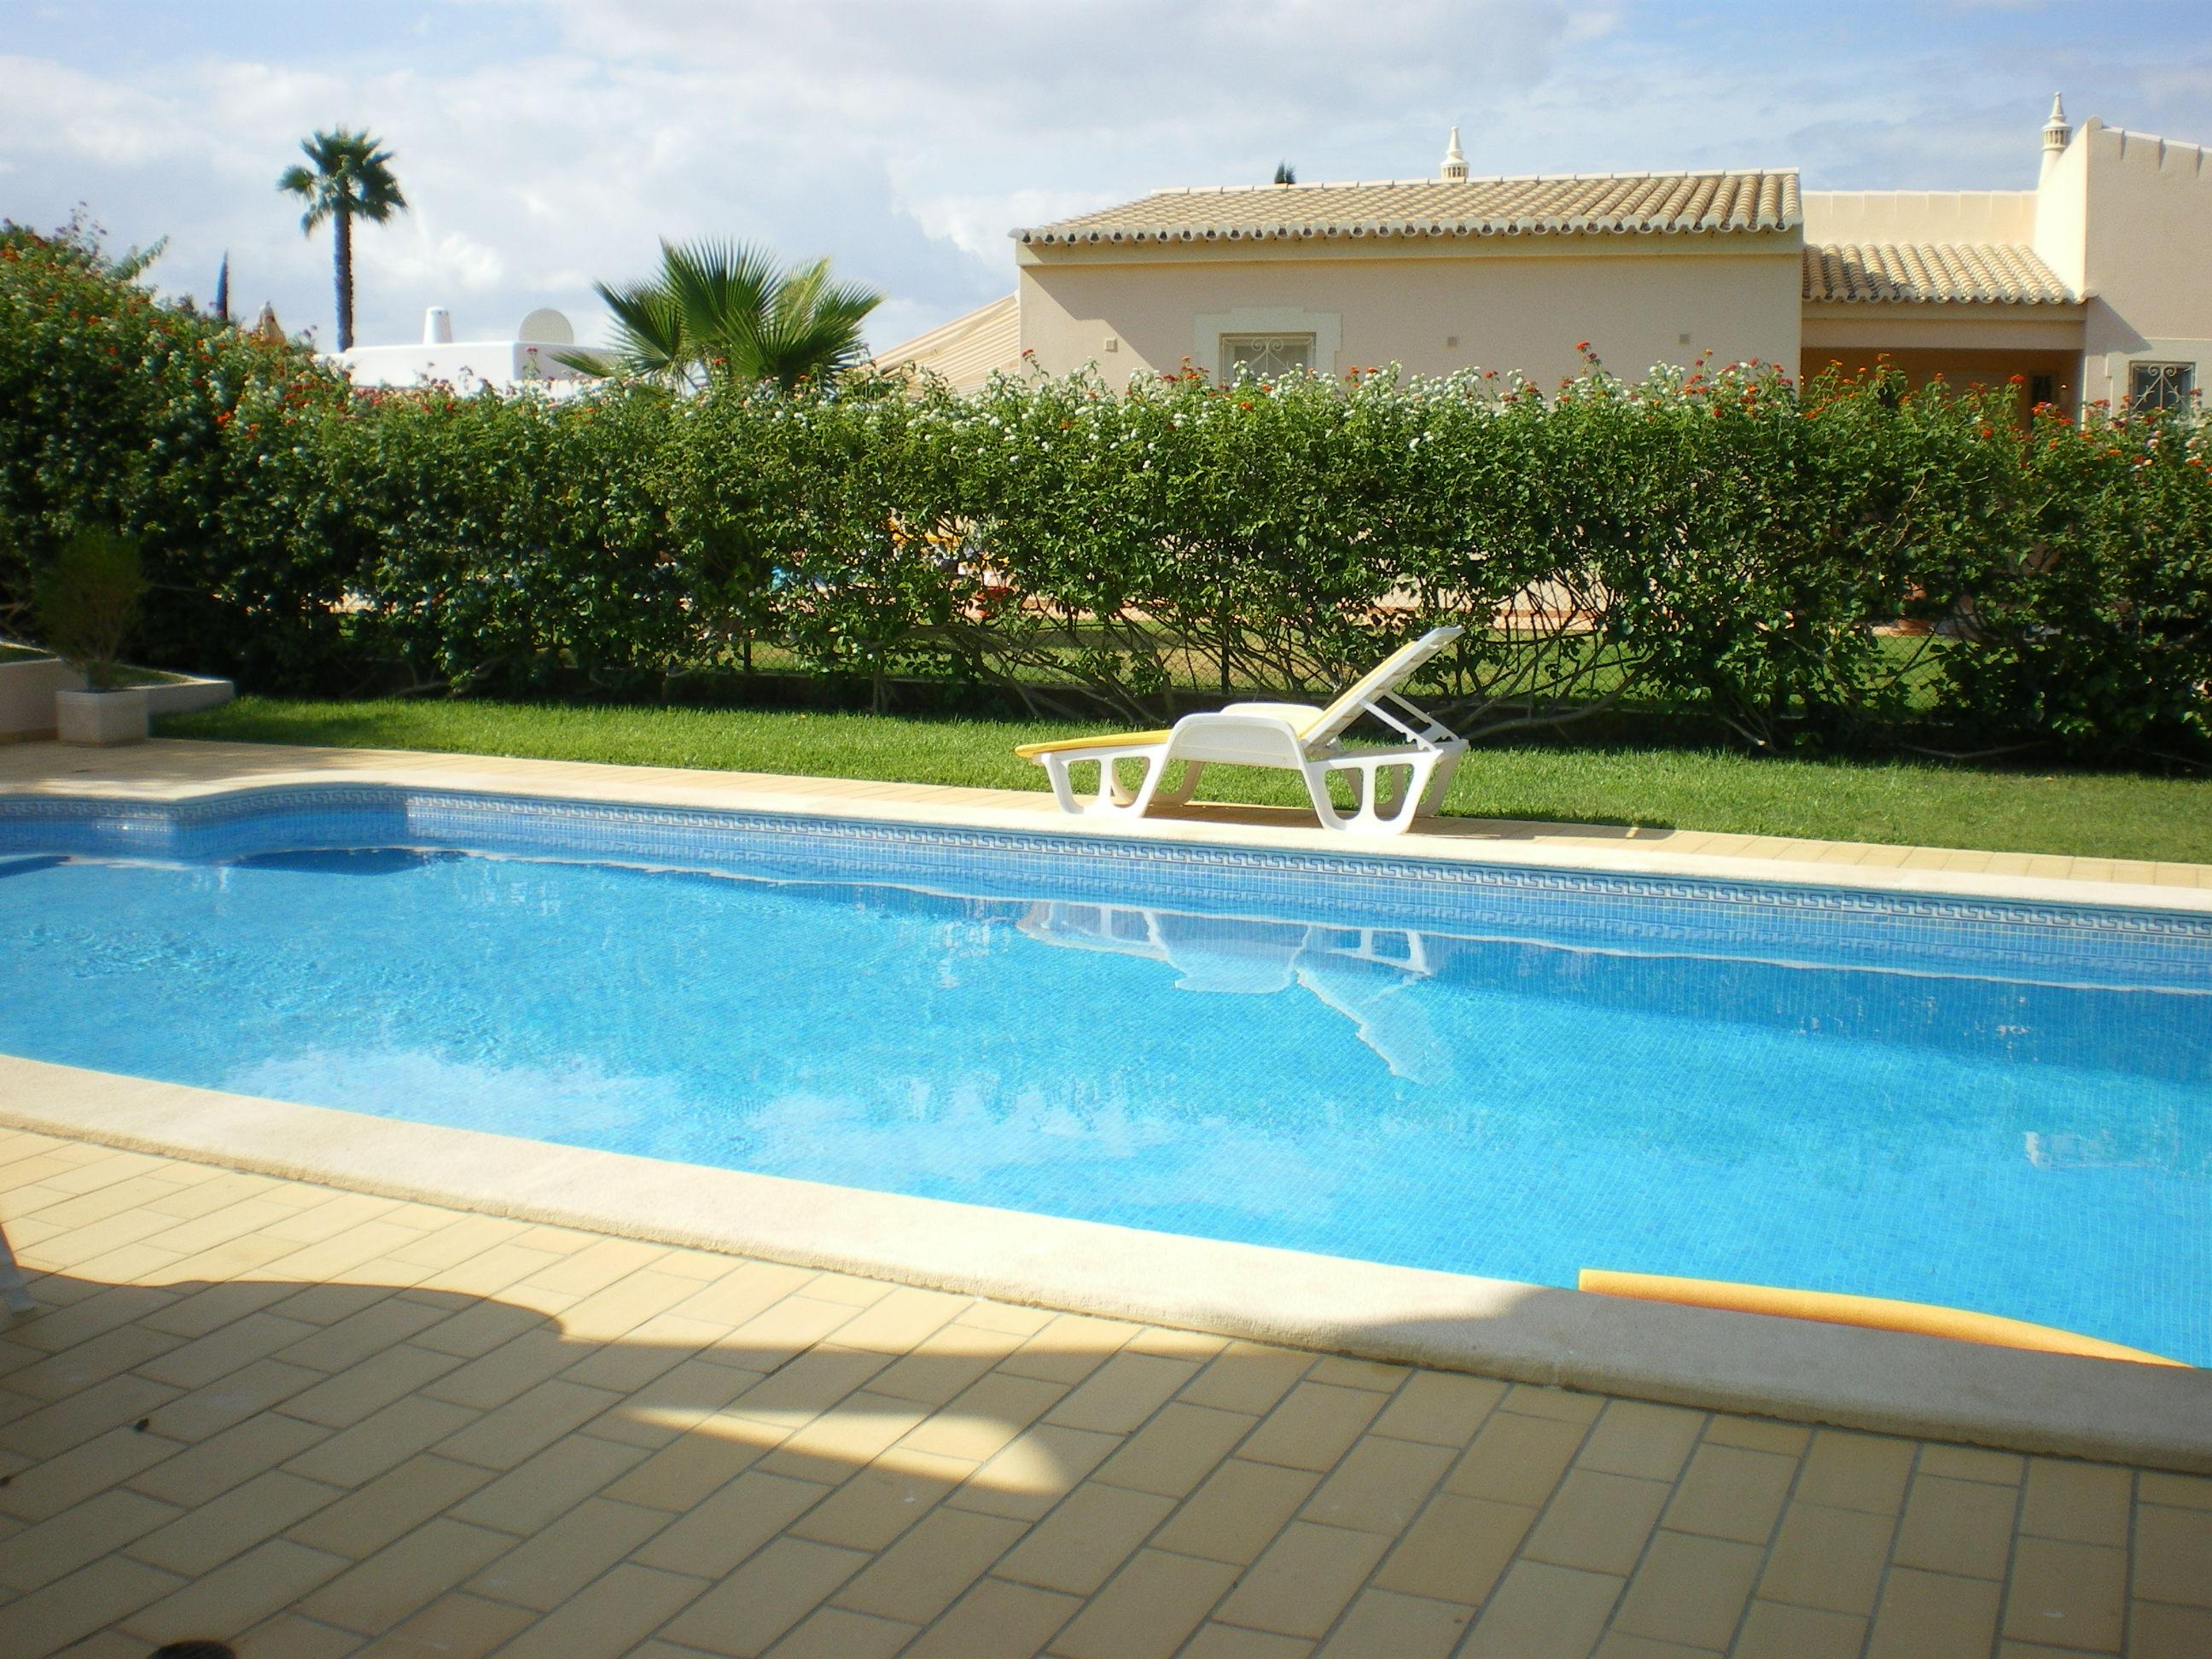 Apartamentos e moradias para alugar, Maison avec piscine en Algarve au sud du Portugal em Lagoa, Portugal Algarve, REF_IMG_7550_8892